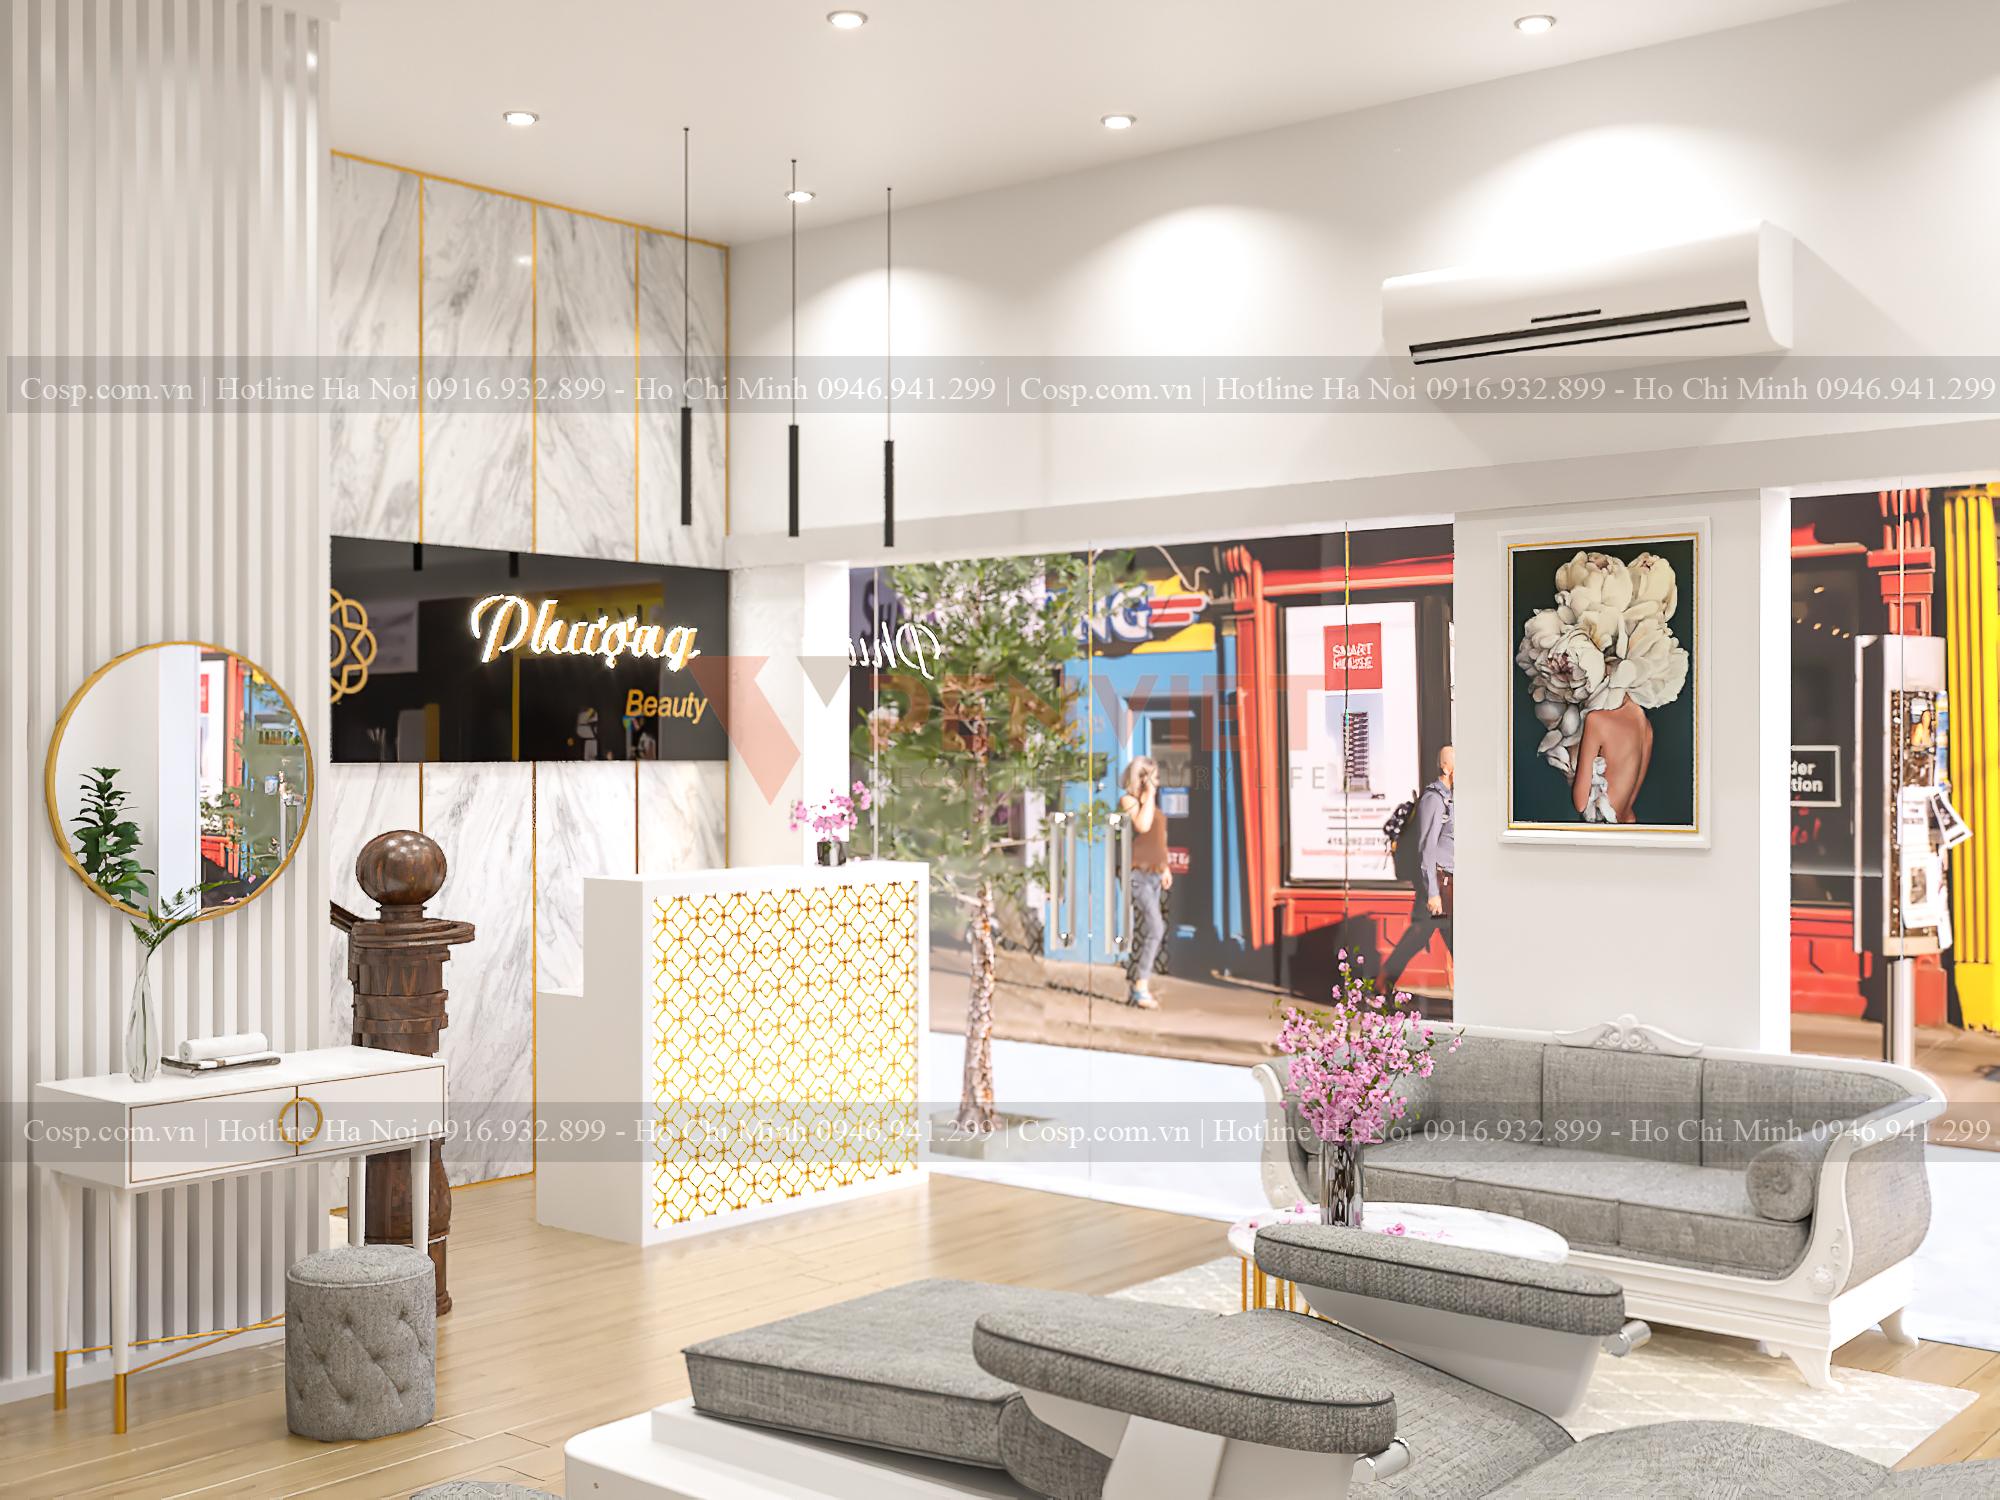 Thiết kế nội thất spa sang trọng mang đến sự đẳng cấp cho không gian